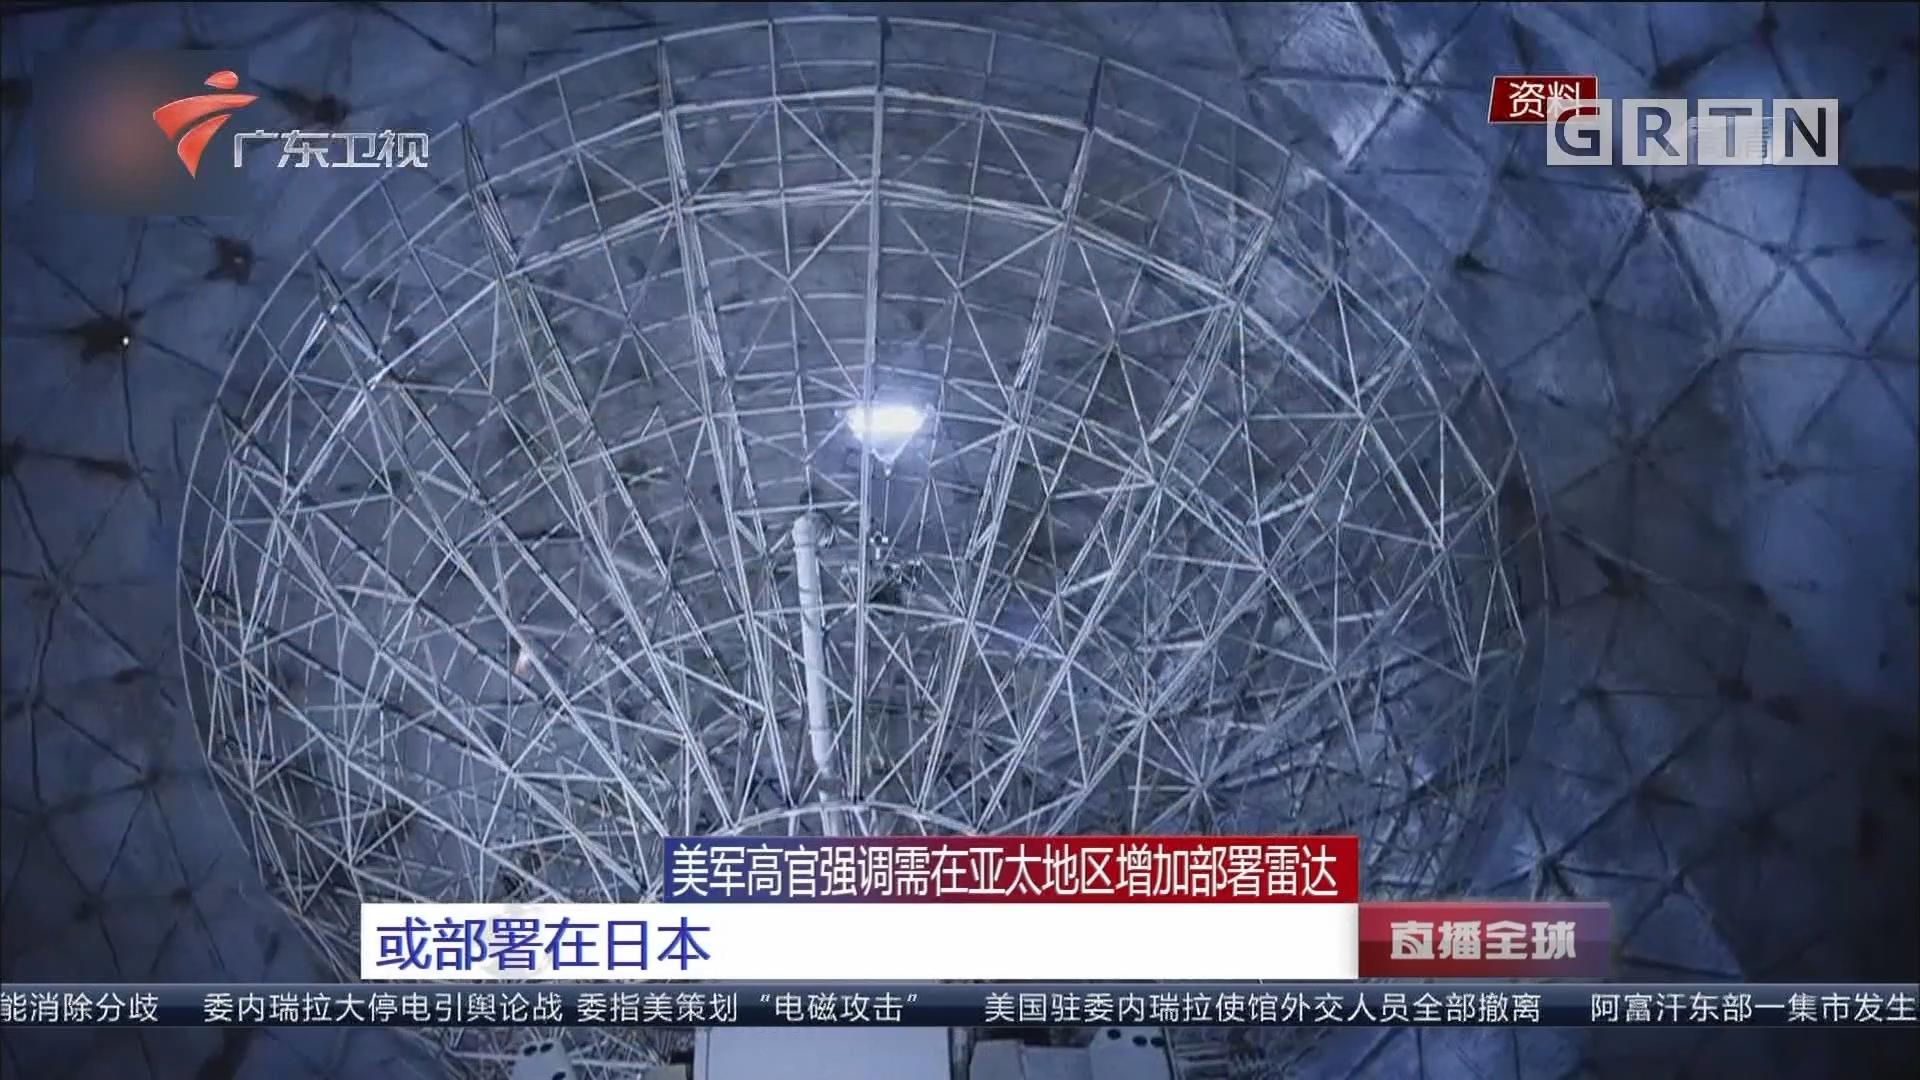 美军高官强调需在亚太地区增加部署雷达:或部署在日本